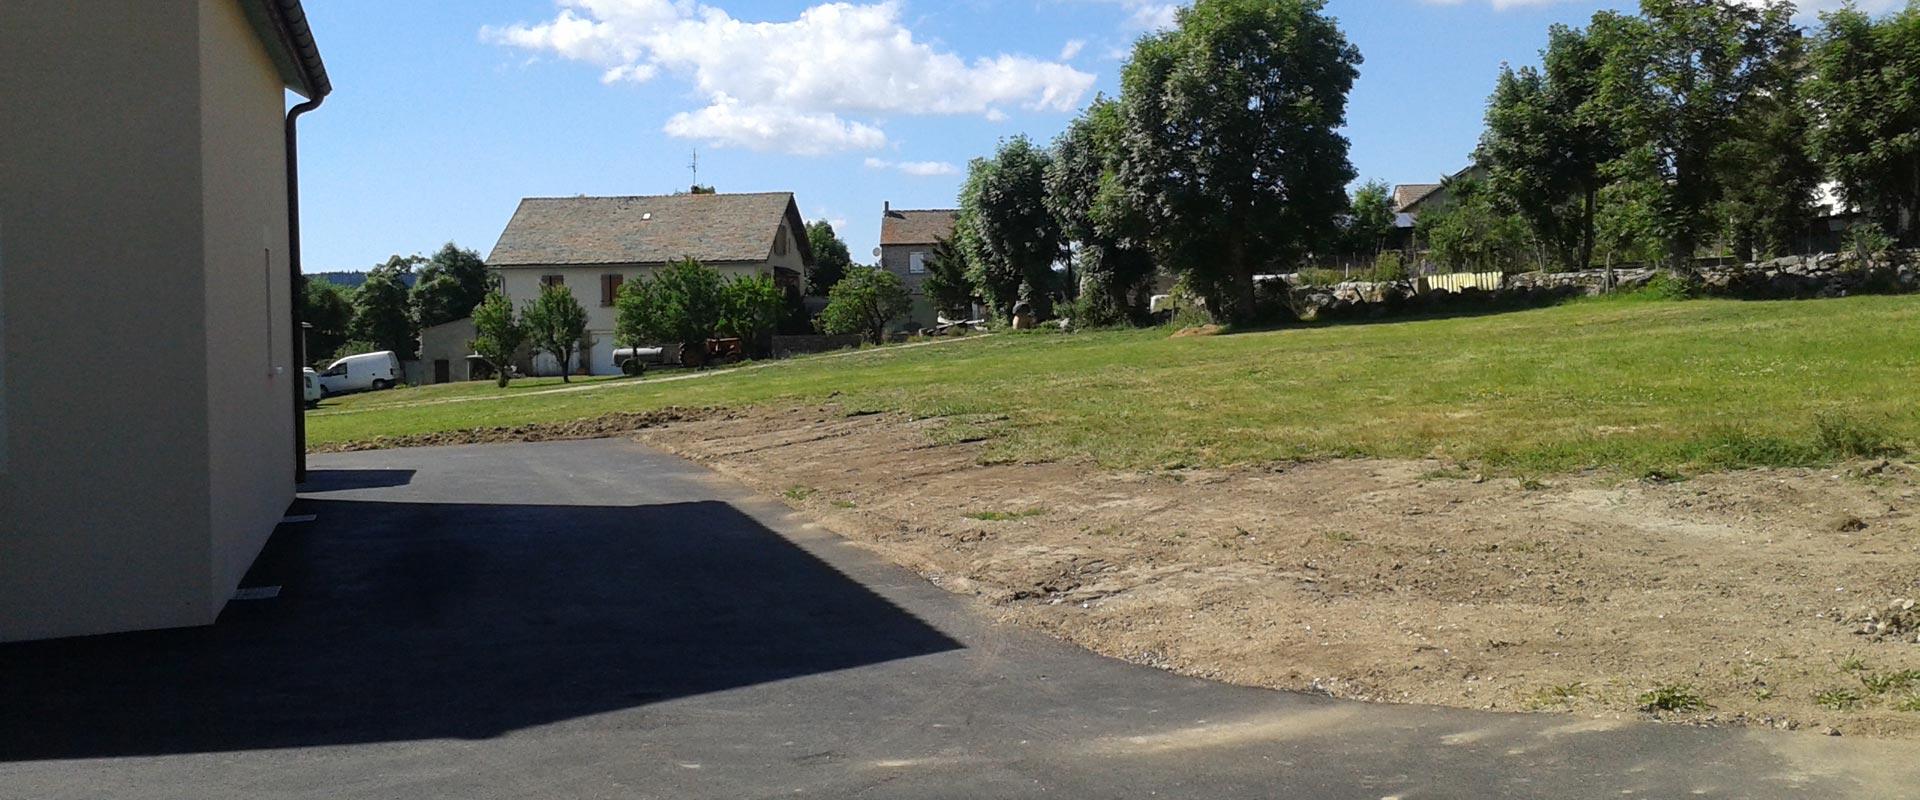 Vue du parking privatif; aménagement exétrieur du gîte rural Lou Saltret en Lozère